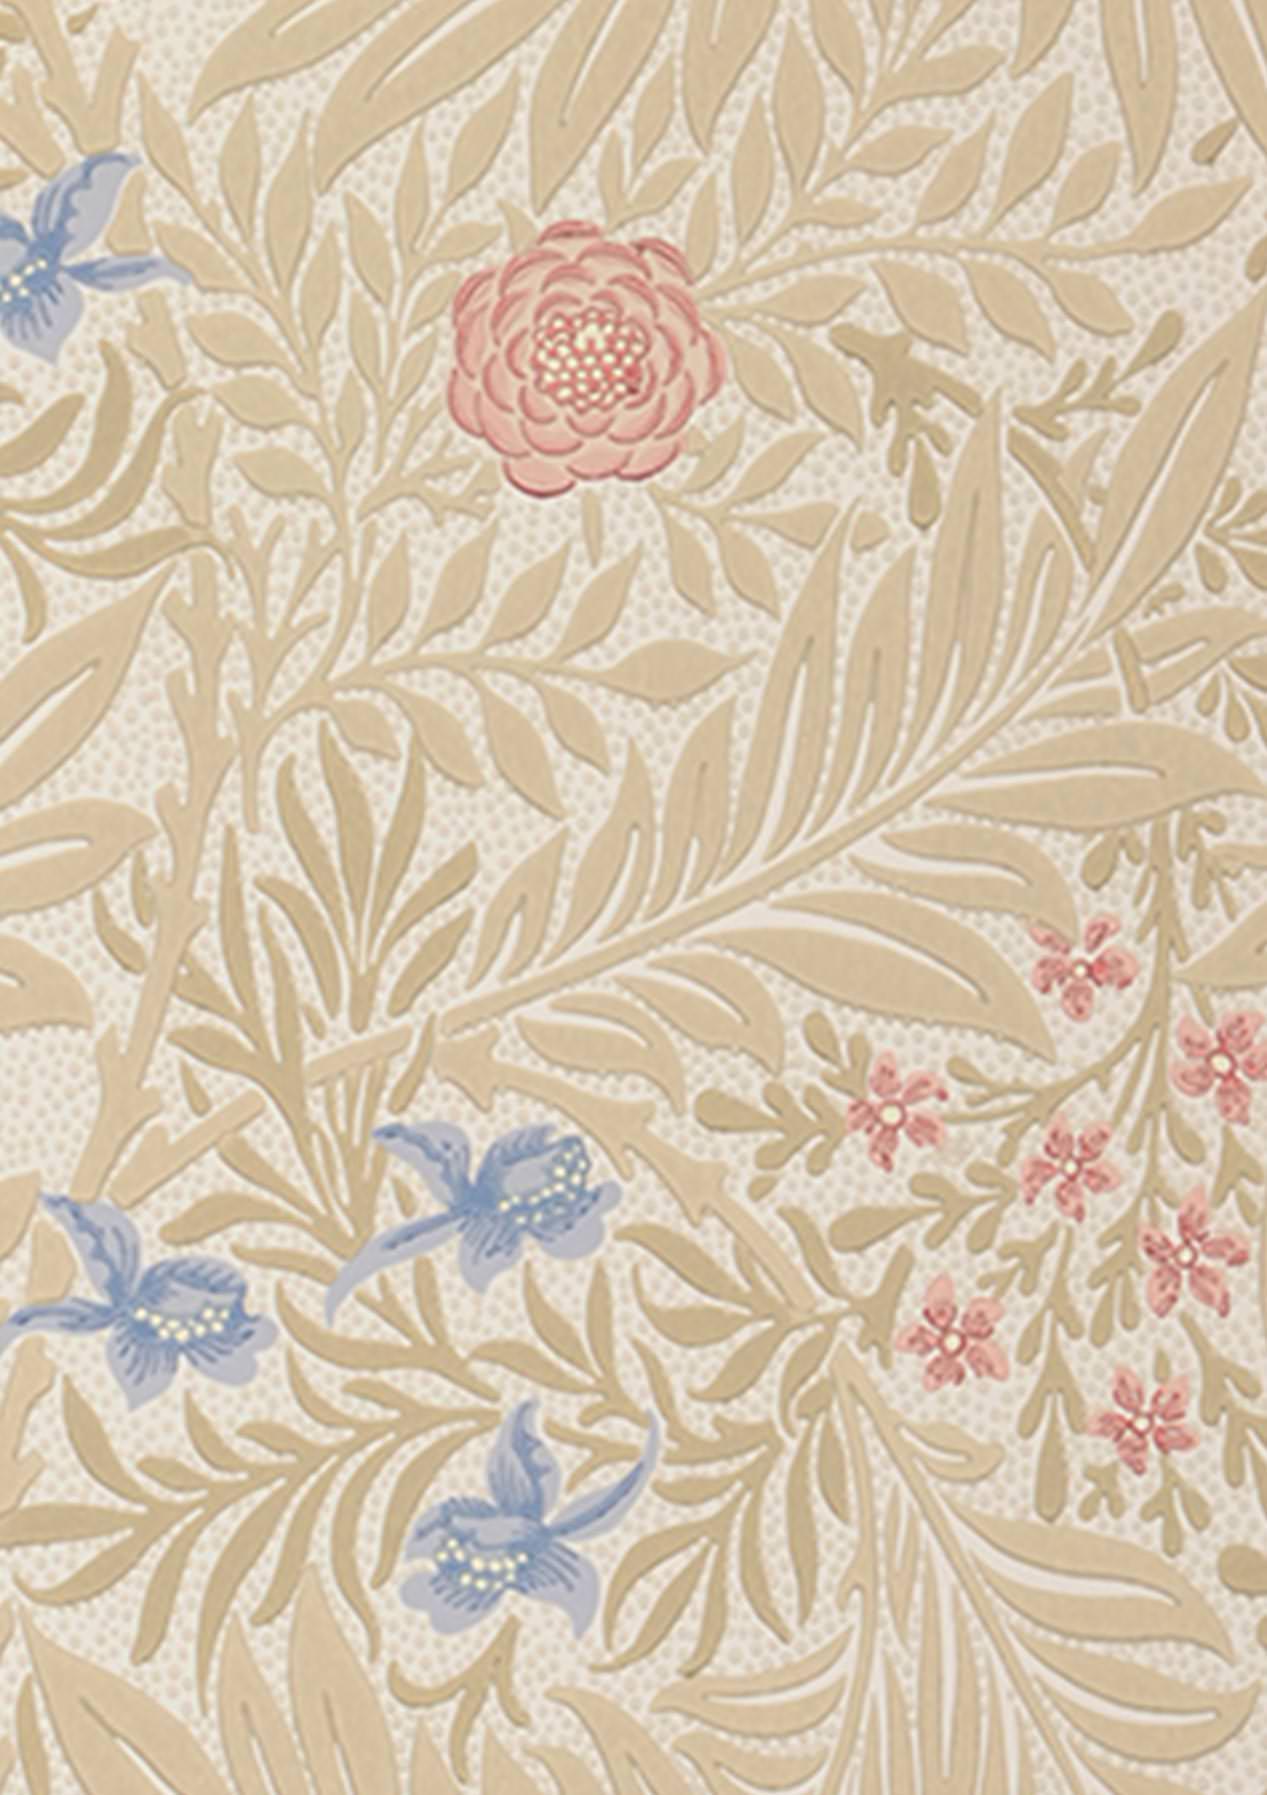 Tapete kari weiss beige beigerot brillantblau for Tapete weinrot muster